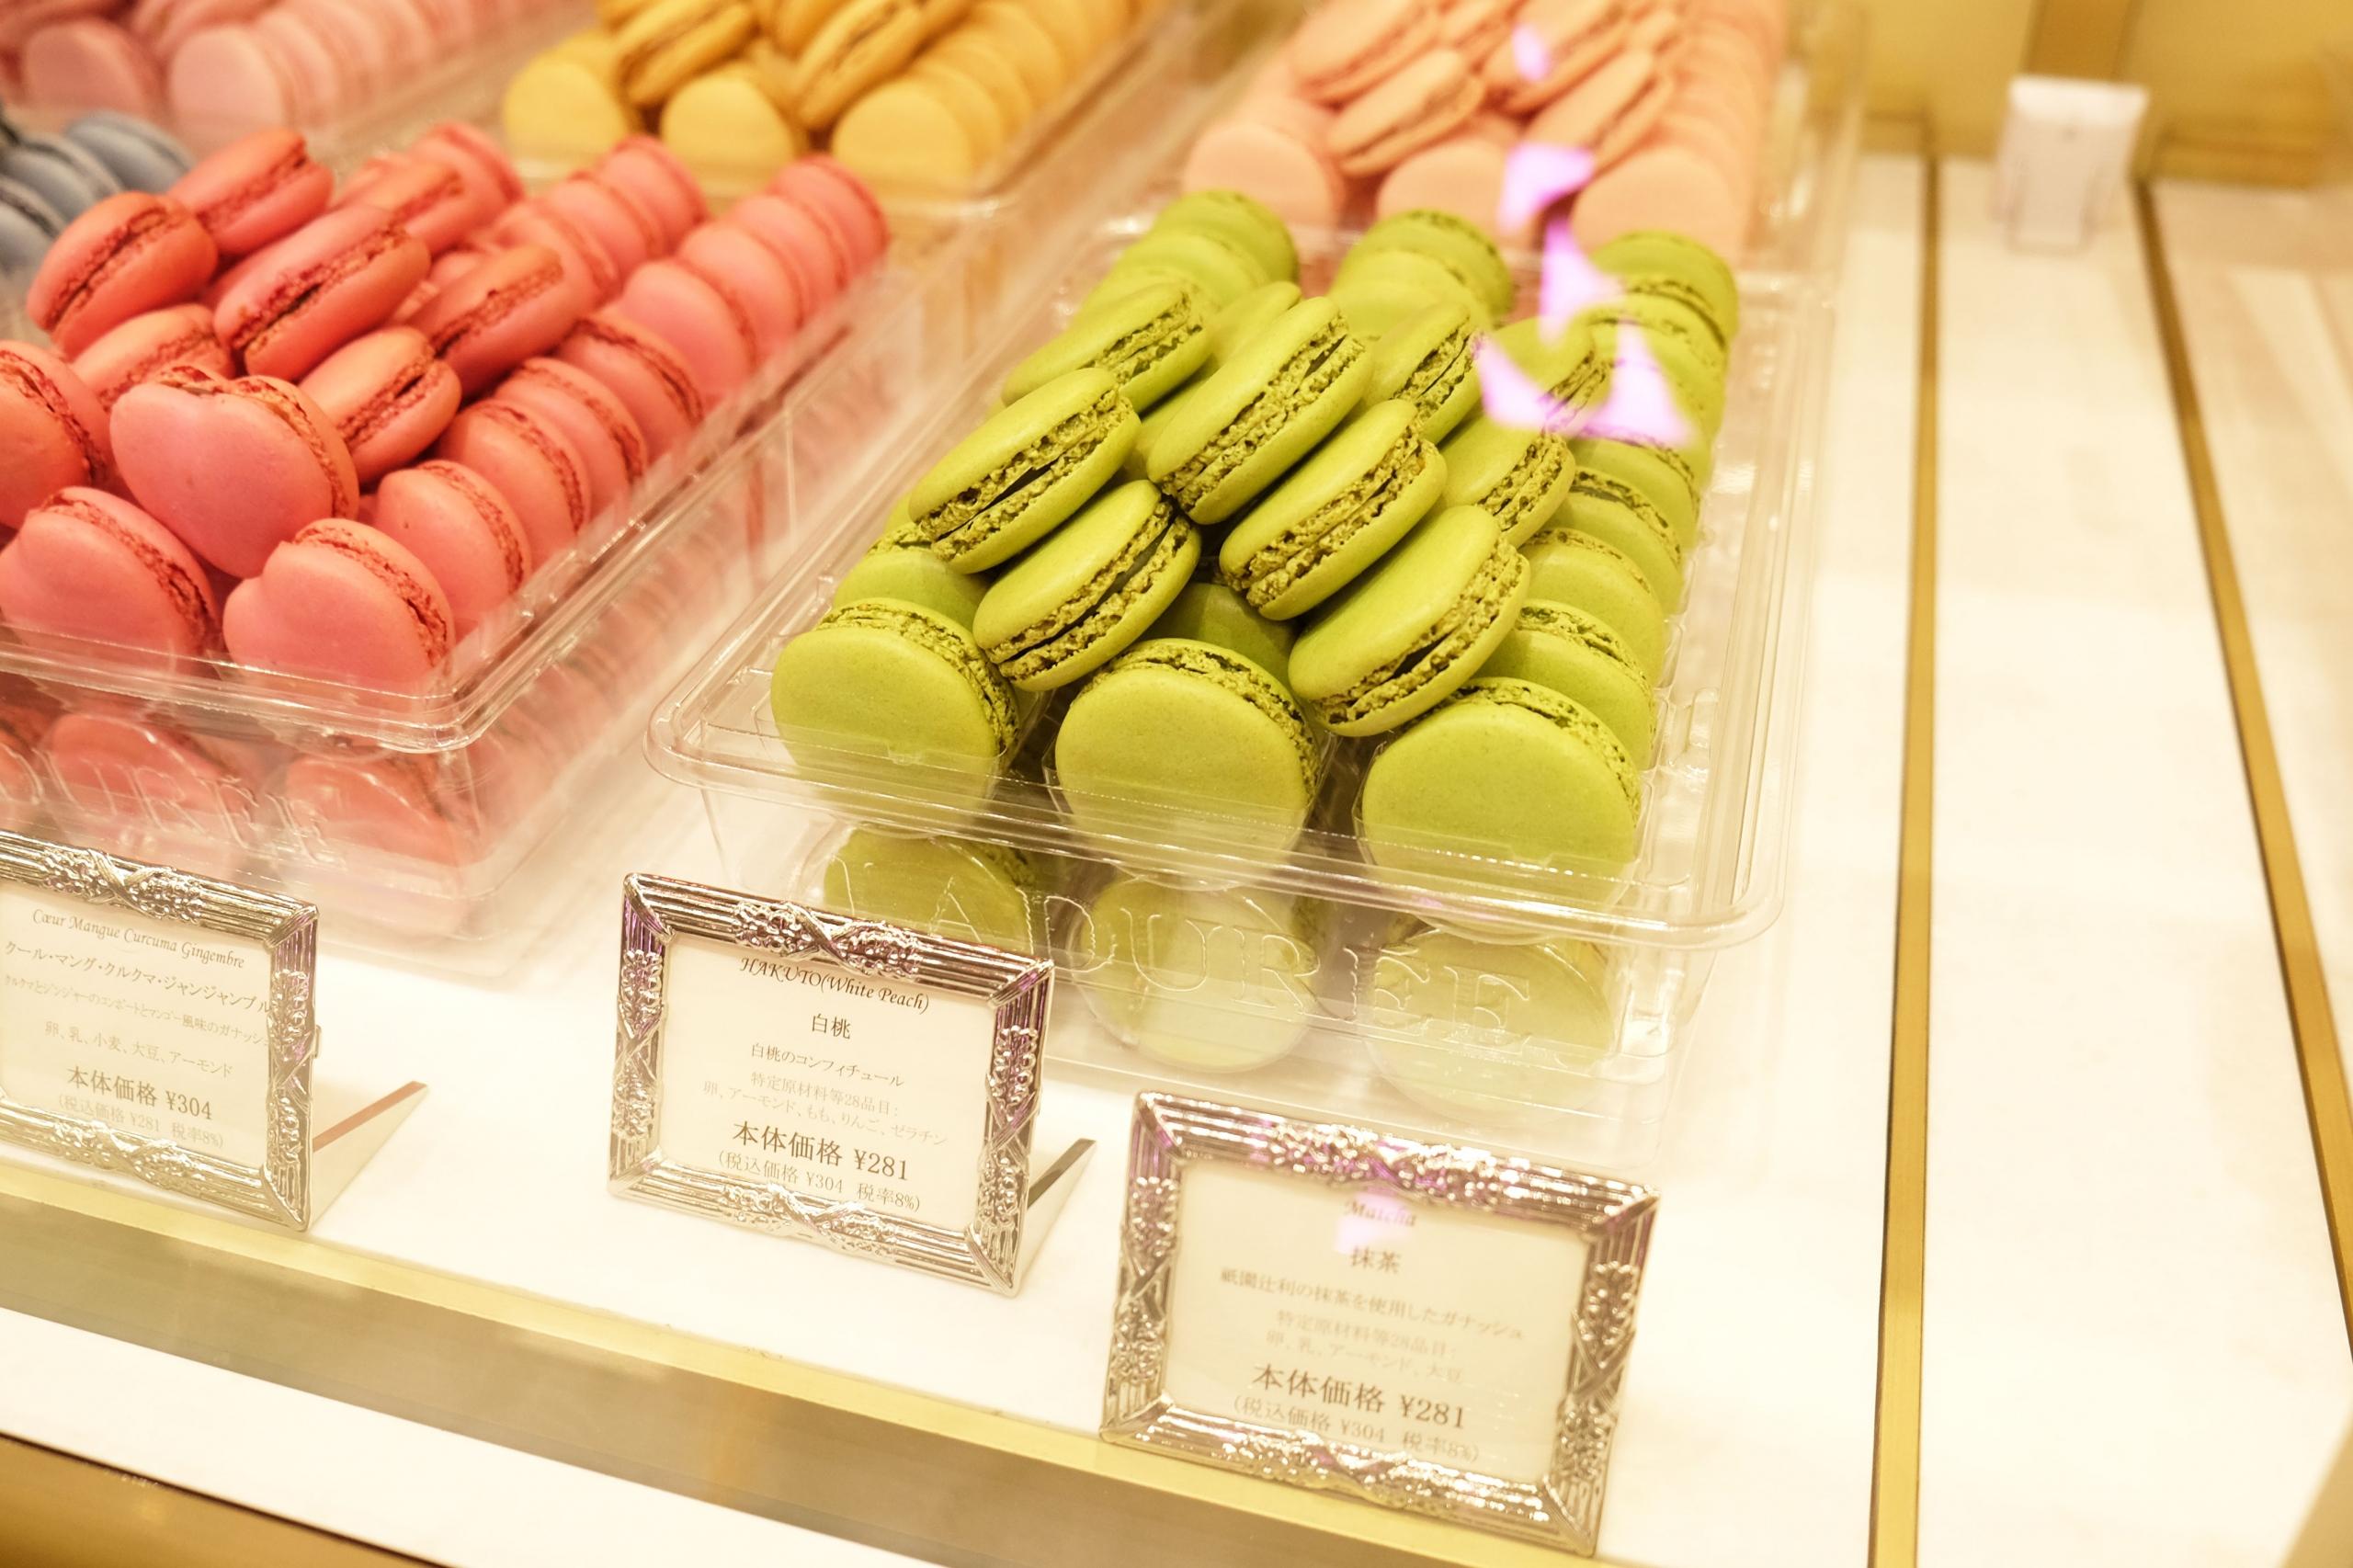 マカロン「抹茶」(1個281円)は祇園店限定